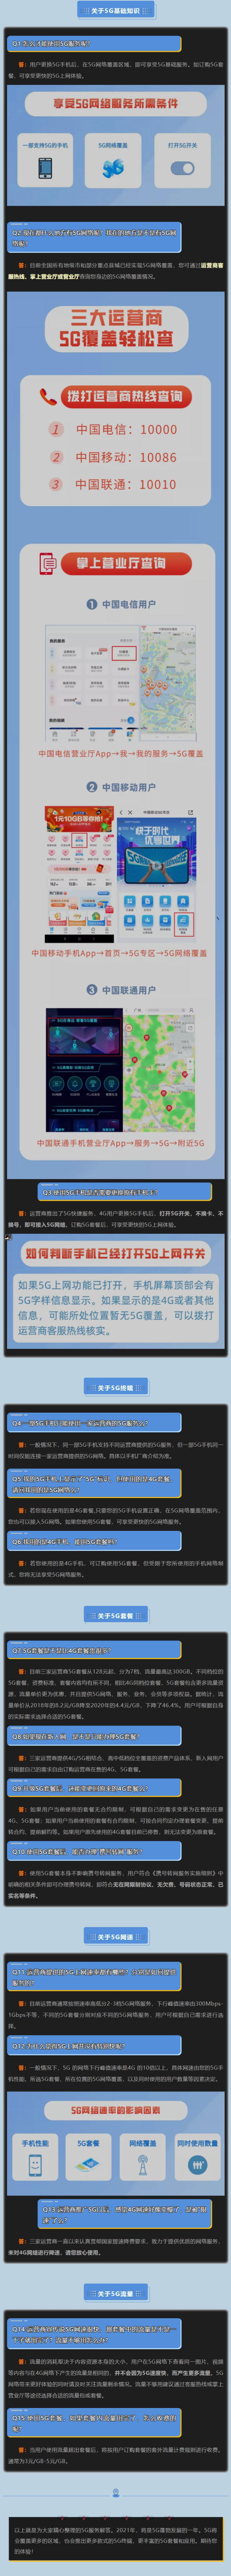 工信部:三大运营商未对4G网络进行降速,不办